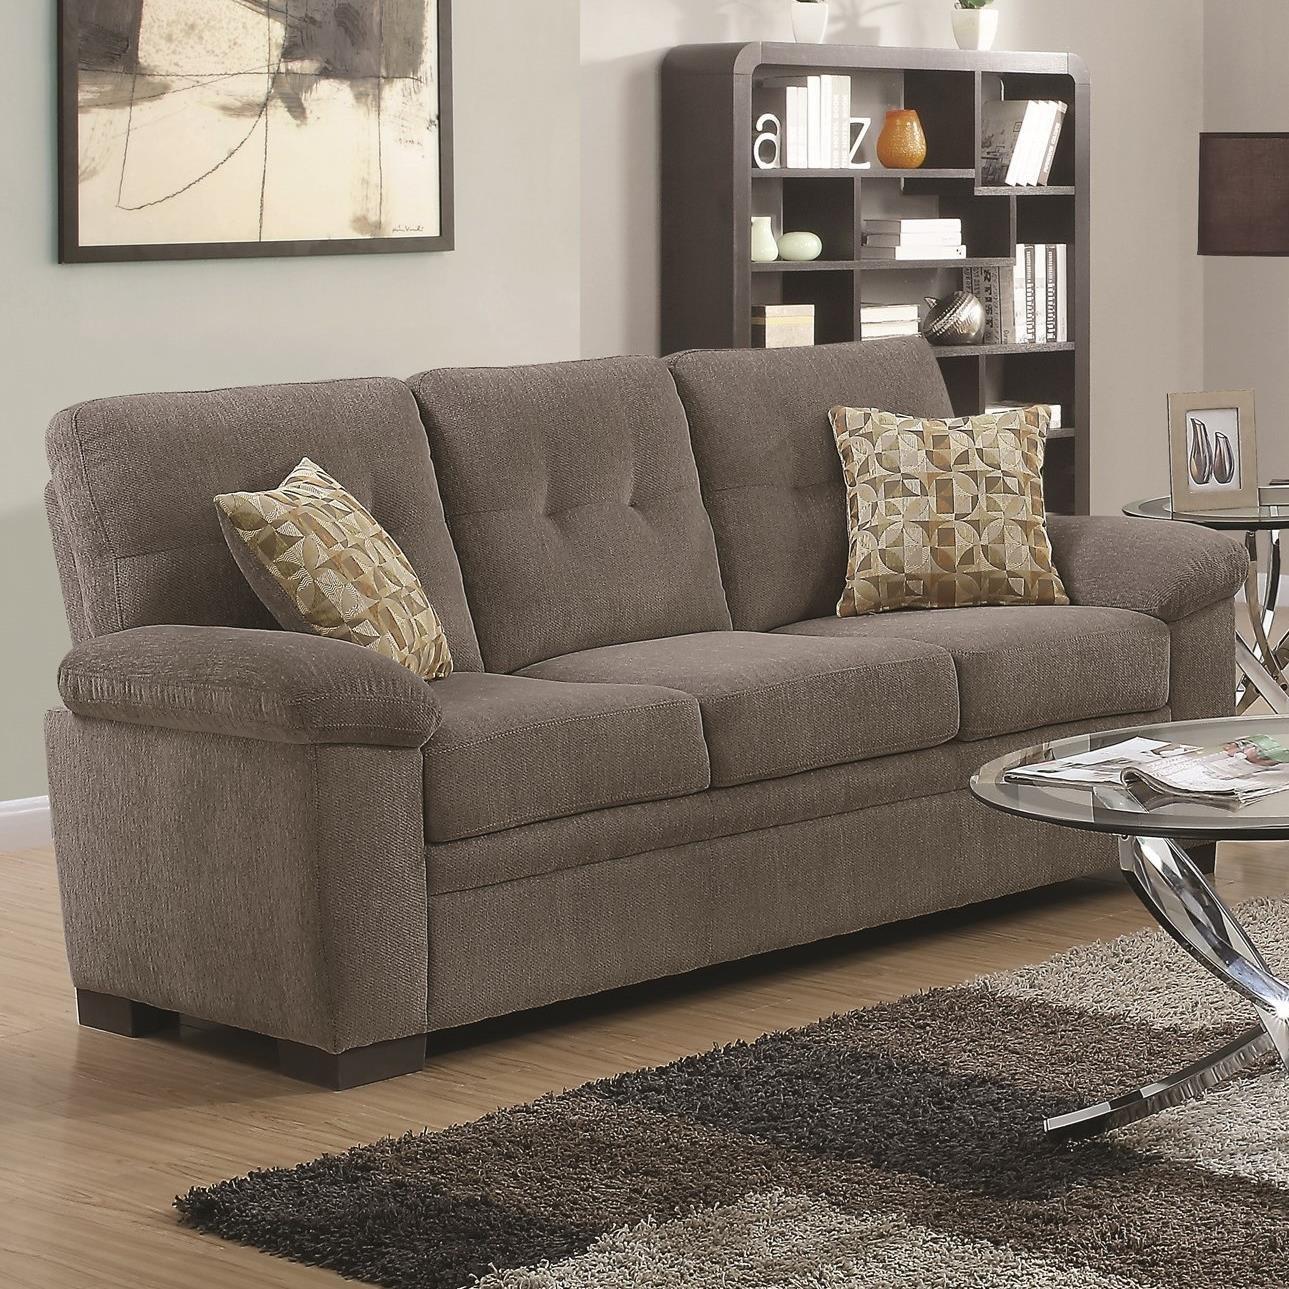 Coaster Fairbairn Sofa With Casual Style